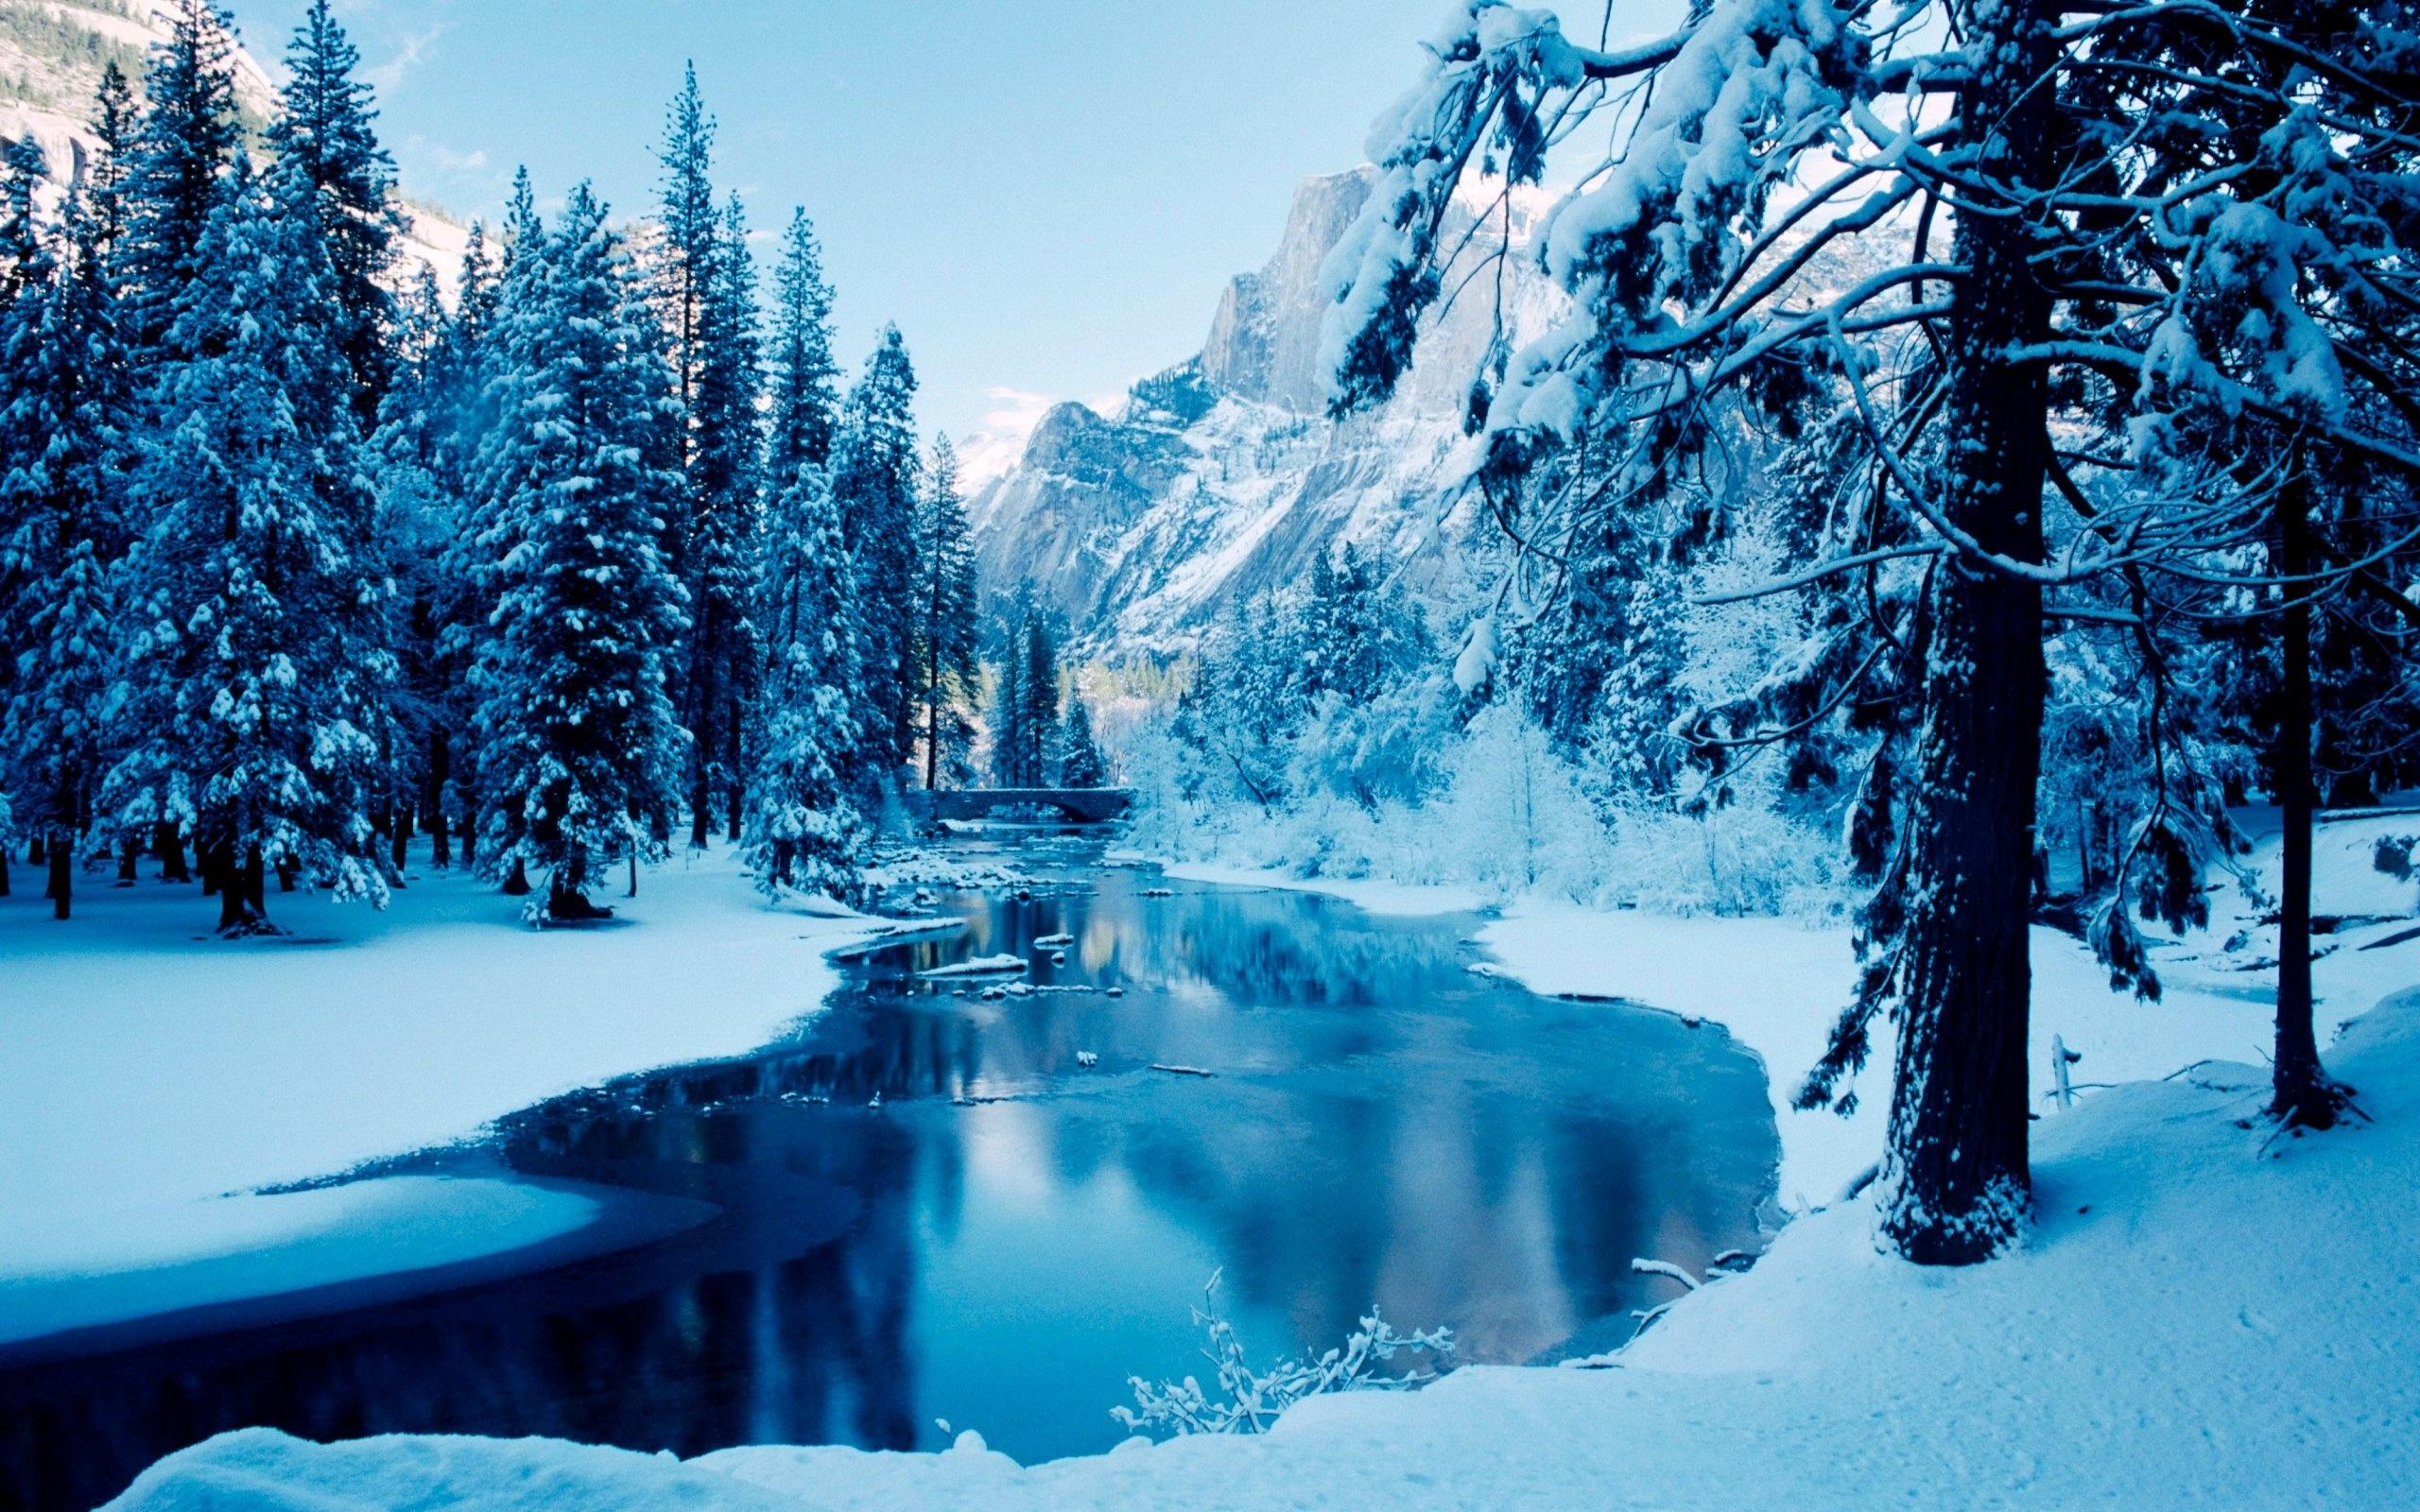 улыбка, красивые картинки хорошего качества про снег планирую сделать серию